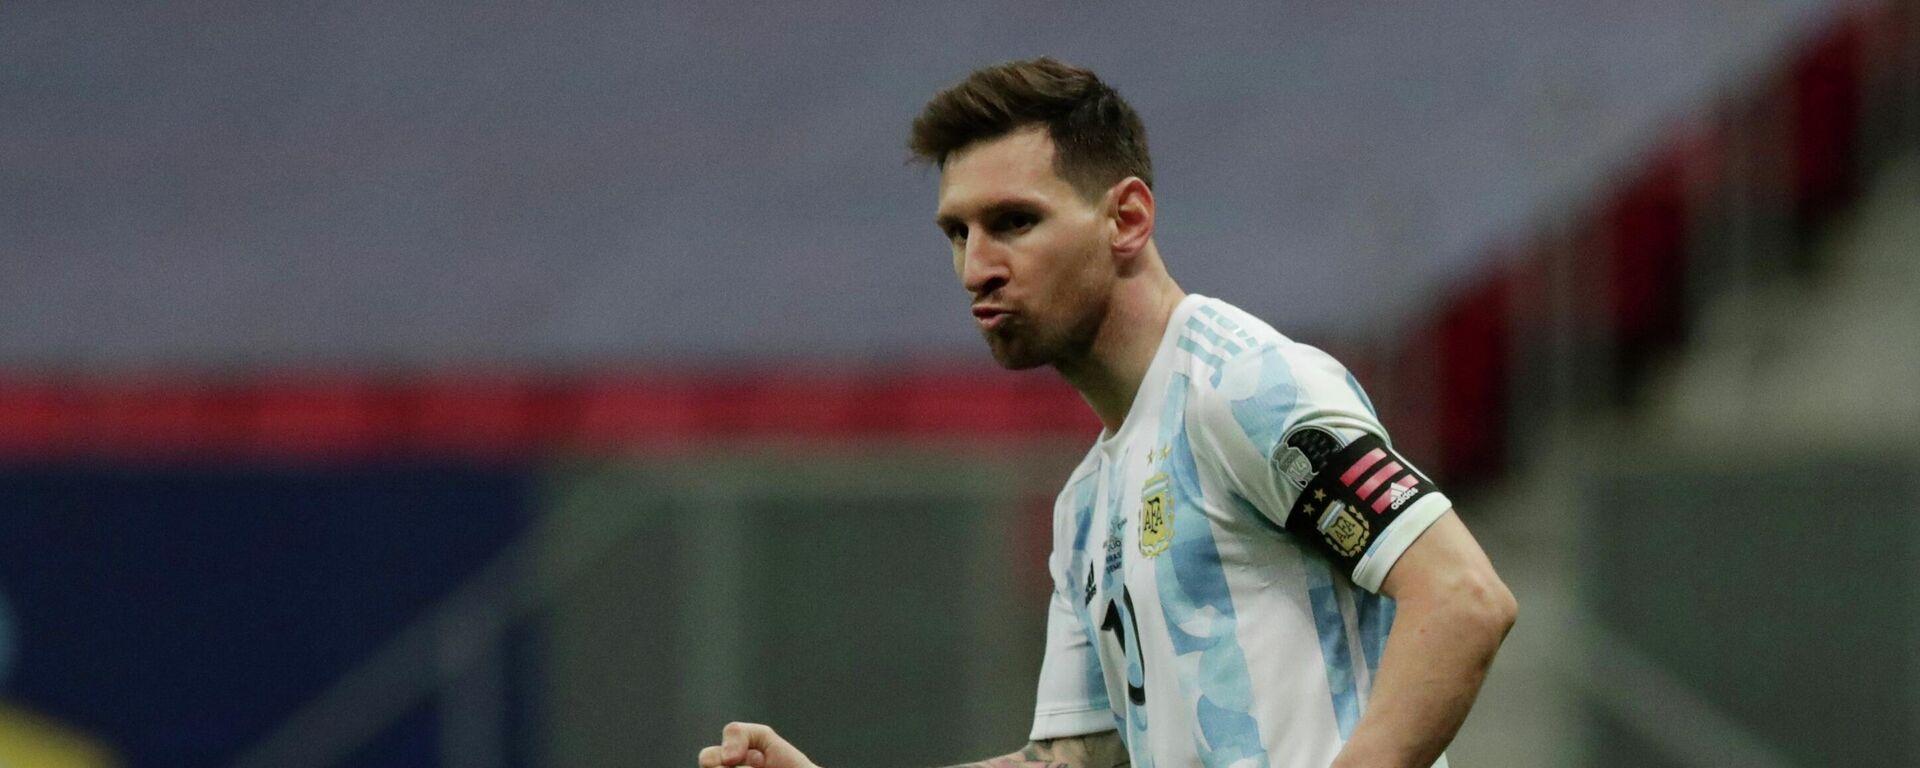 Lionel Messi, futbolista argentino - Sputnik Mundo, 1920, 10.07.2021